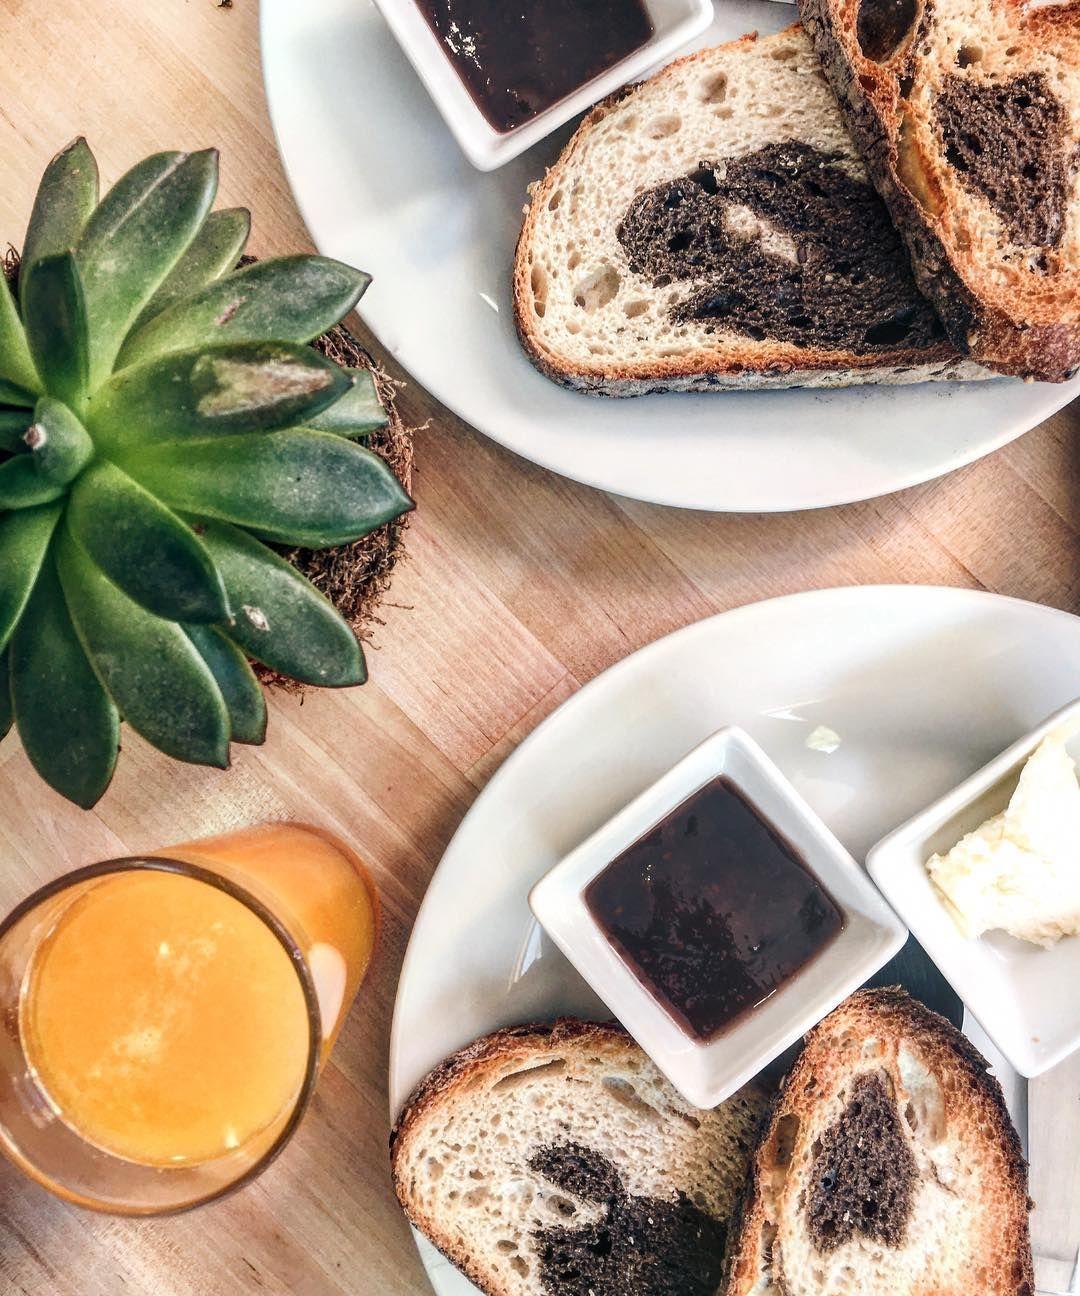 Venga que para celebrar que ya es Agosto nos hemos venidos a desayunar a @la_miguina tostadas de pan mármol.  #Lunes #Breakfast